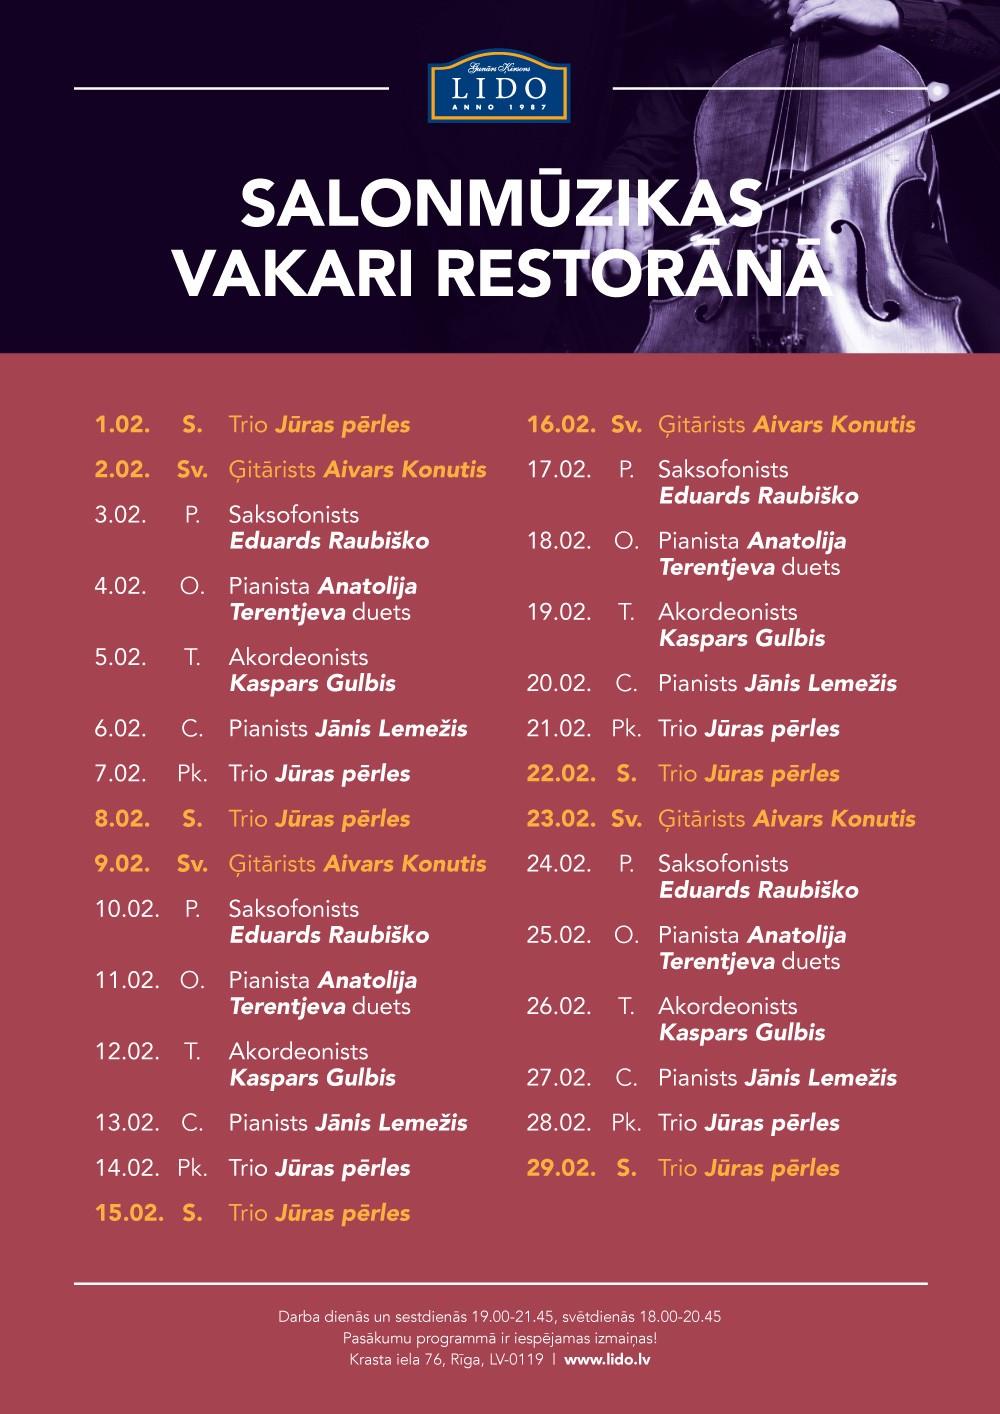 SalonmuzikaRestorans-Februaris-A4-01.2020.jpg